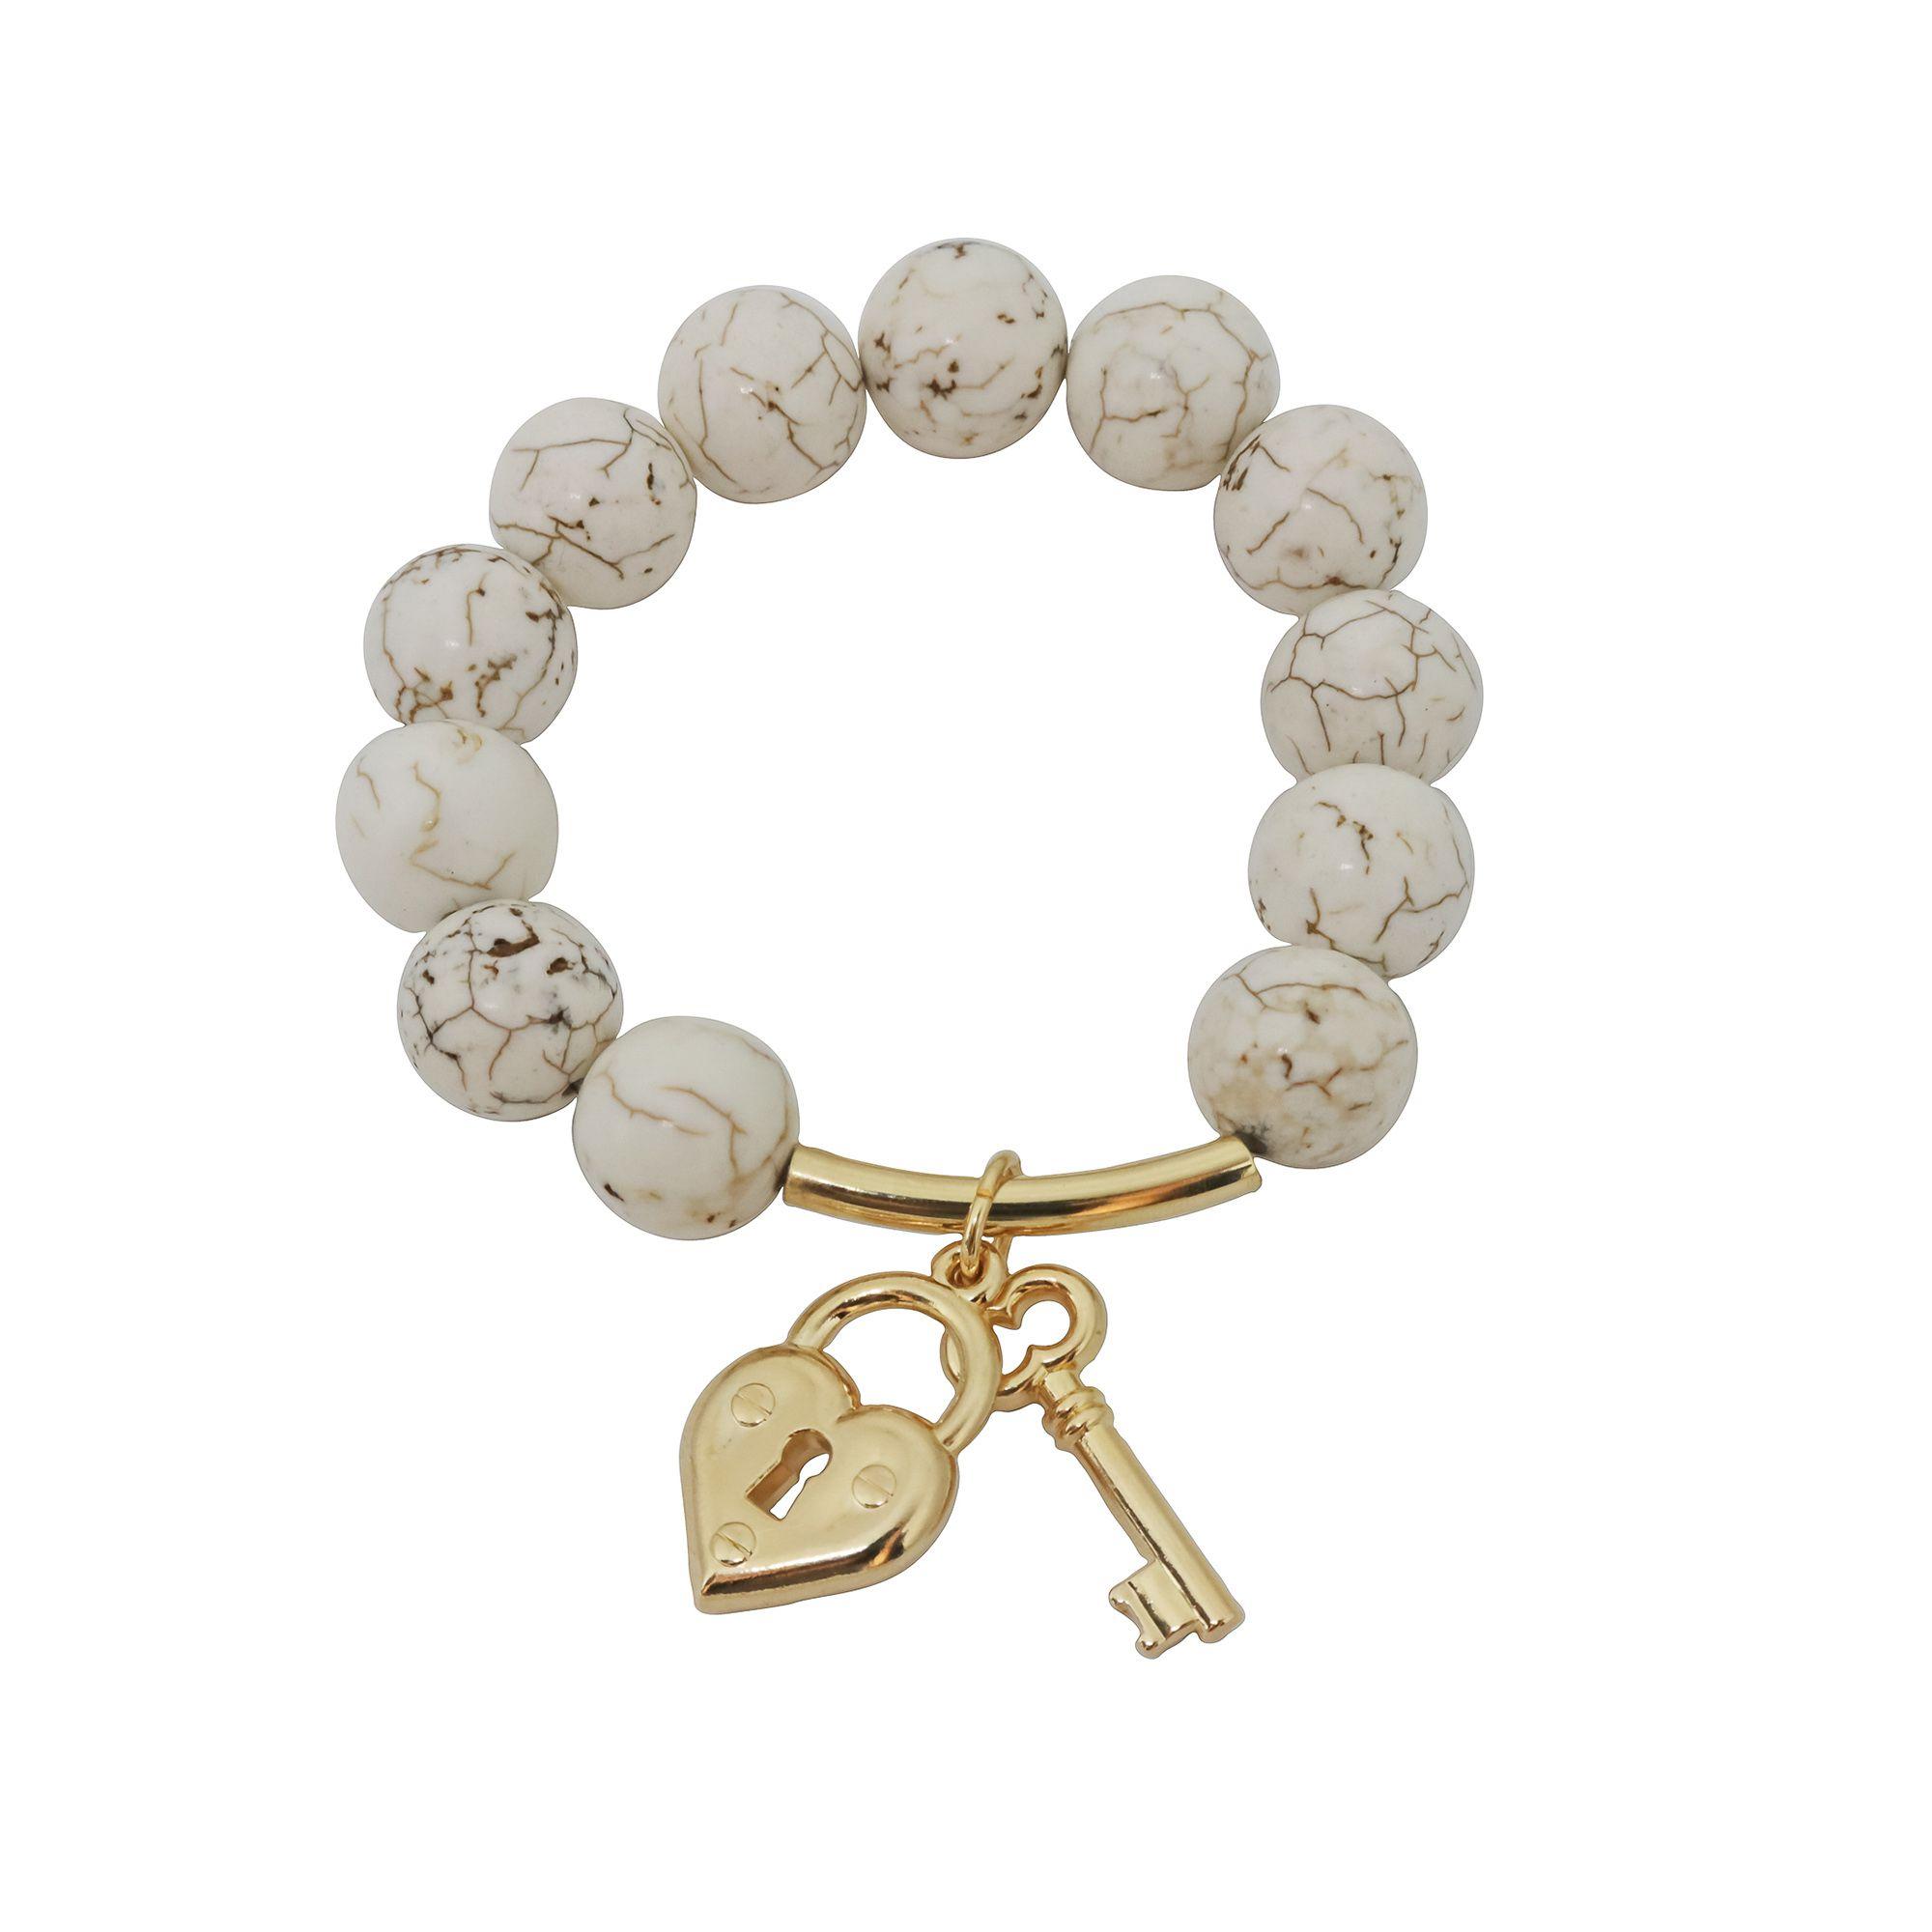 Pulseira Semi joia chave/cadeado banhada a ouro 18k ou rhodium